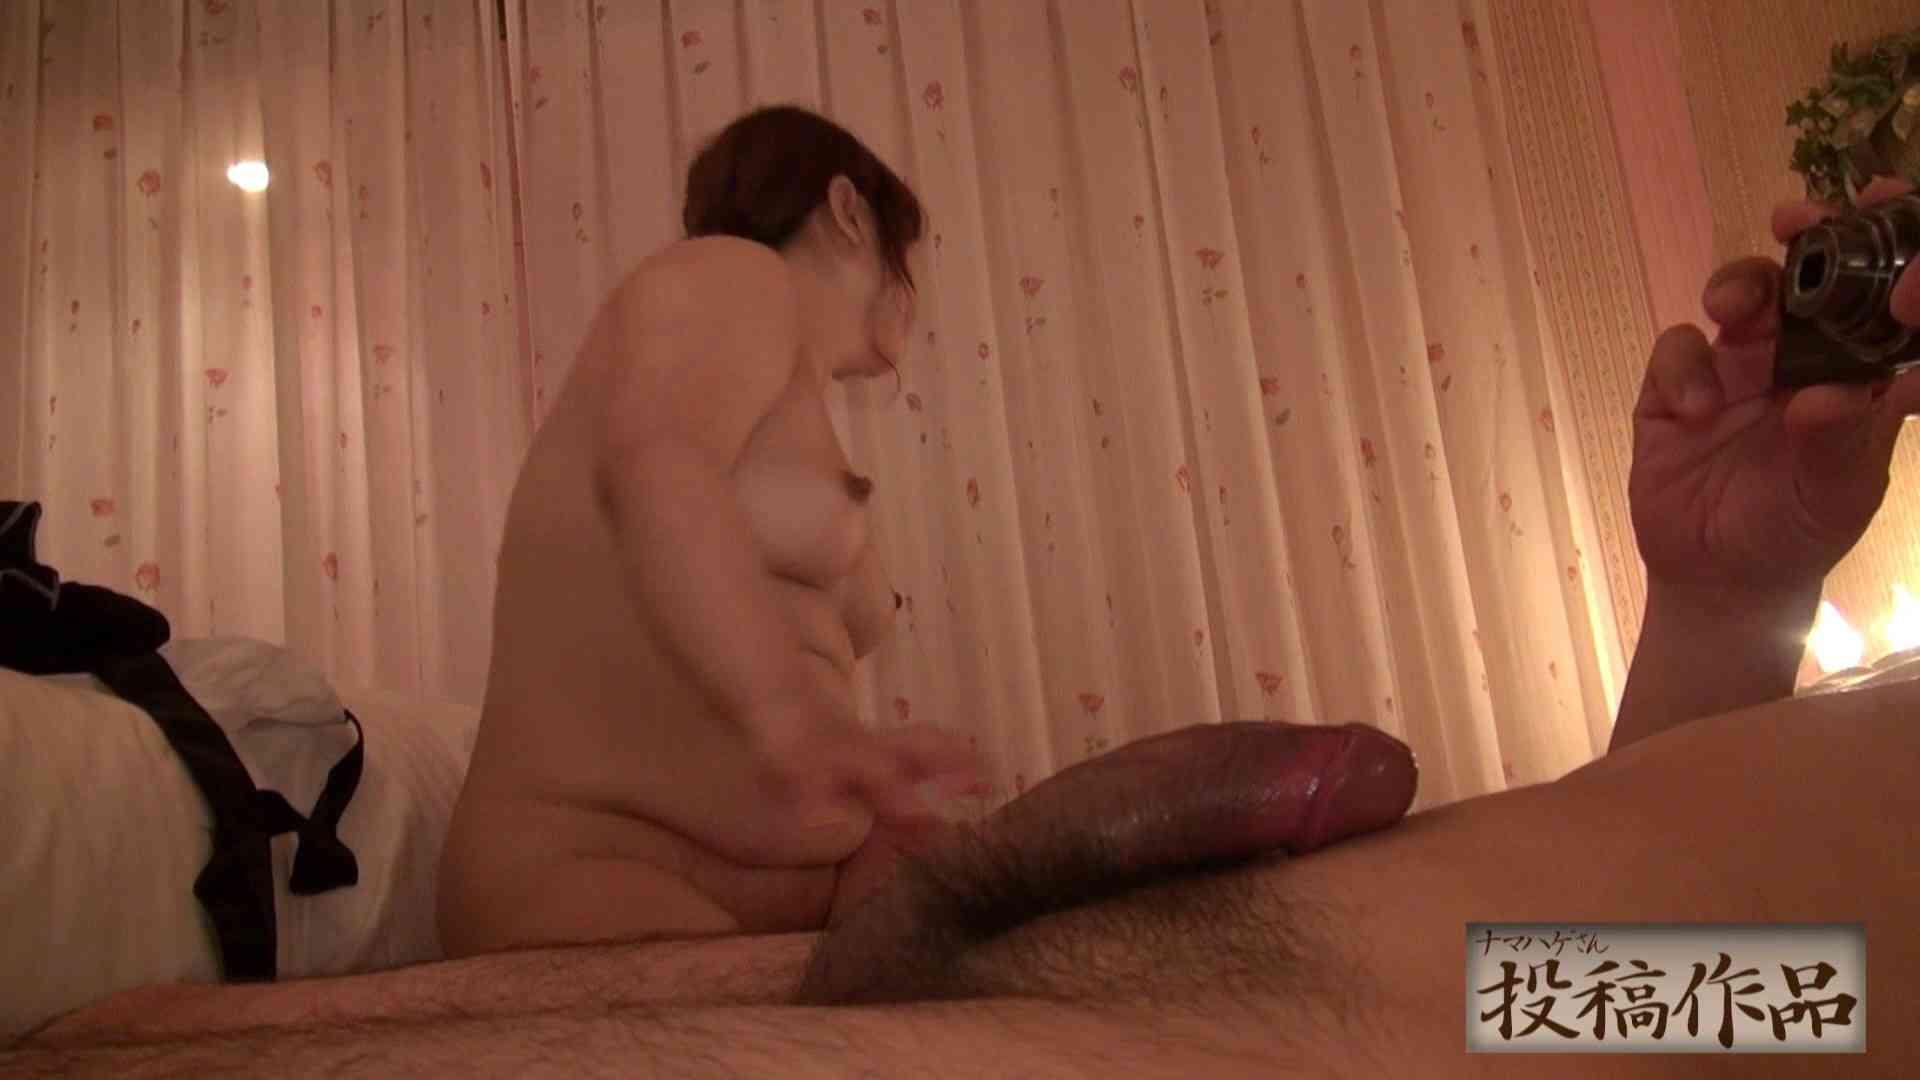 ナマハゲさんのまんこコレクション第二章 konomi02 いやらしい熟女 アダルト動画キャプチャ 99連発 87